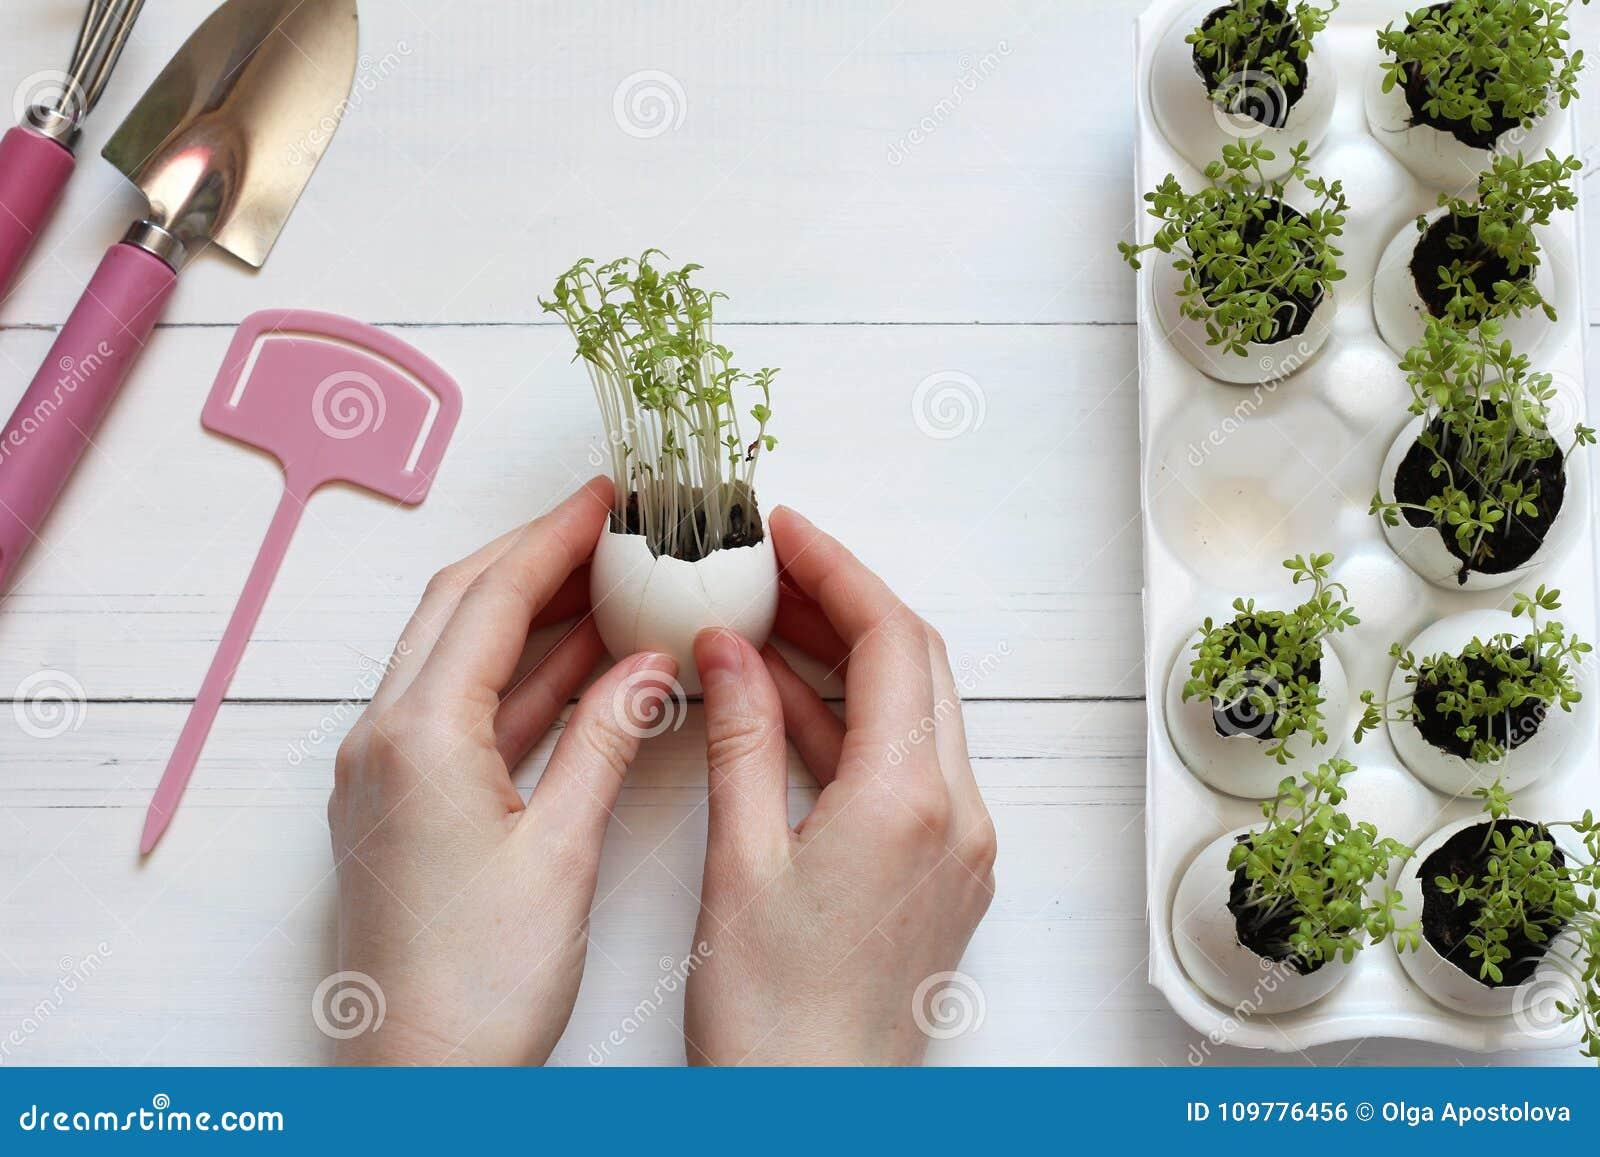 Ontkiemde spruiten in eishell in vrouwelijke handen